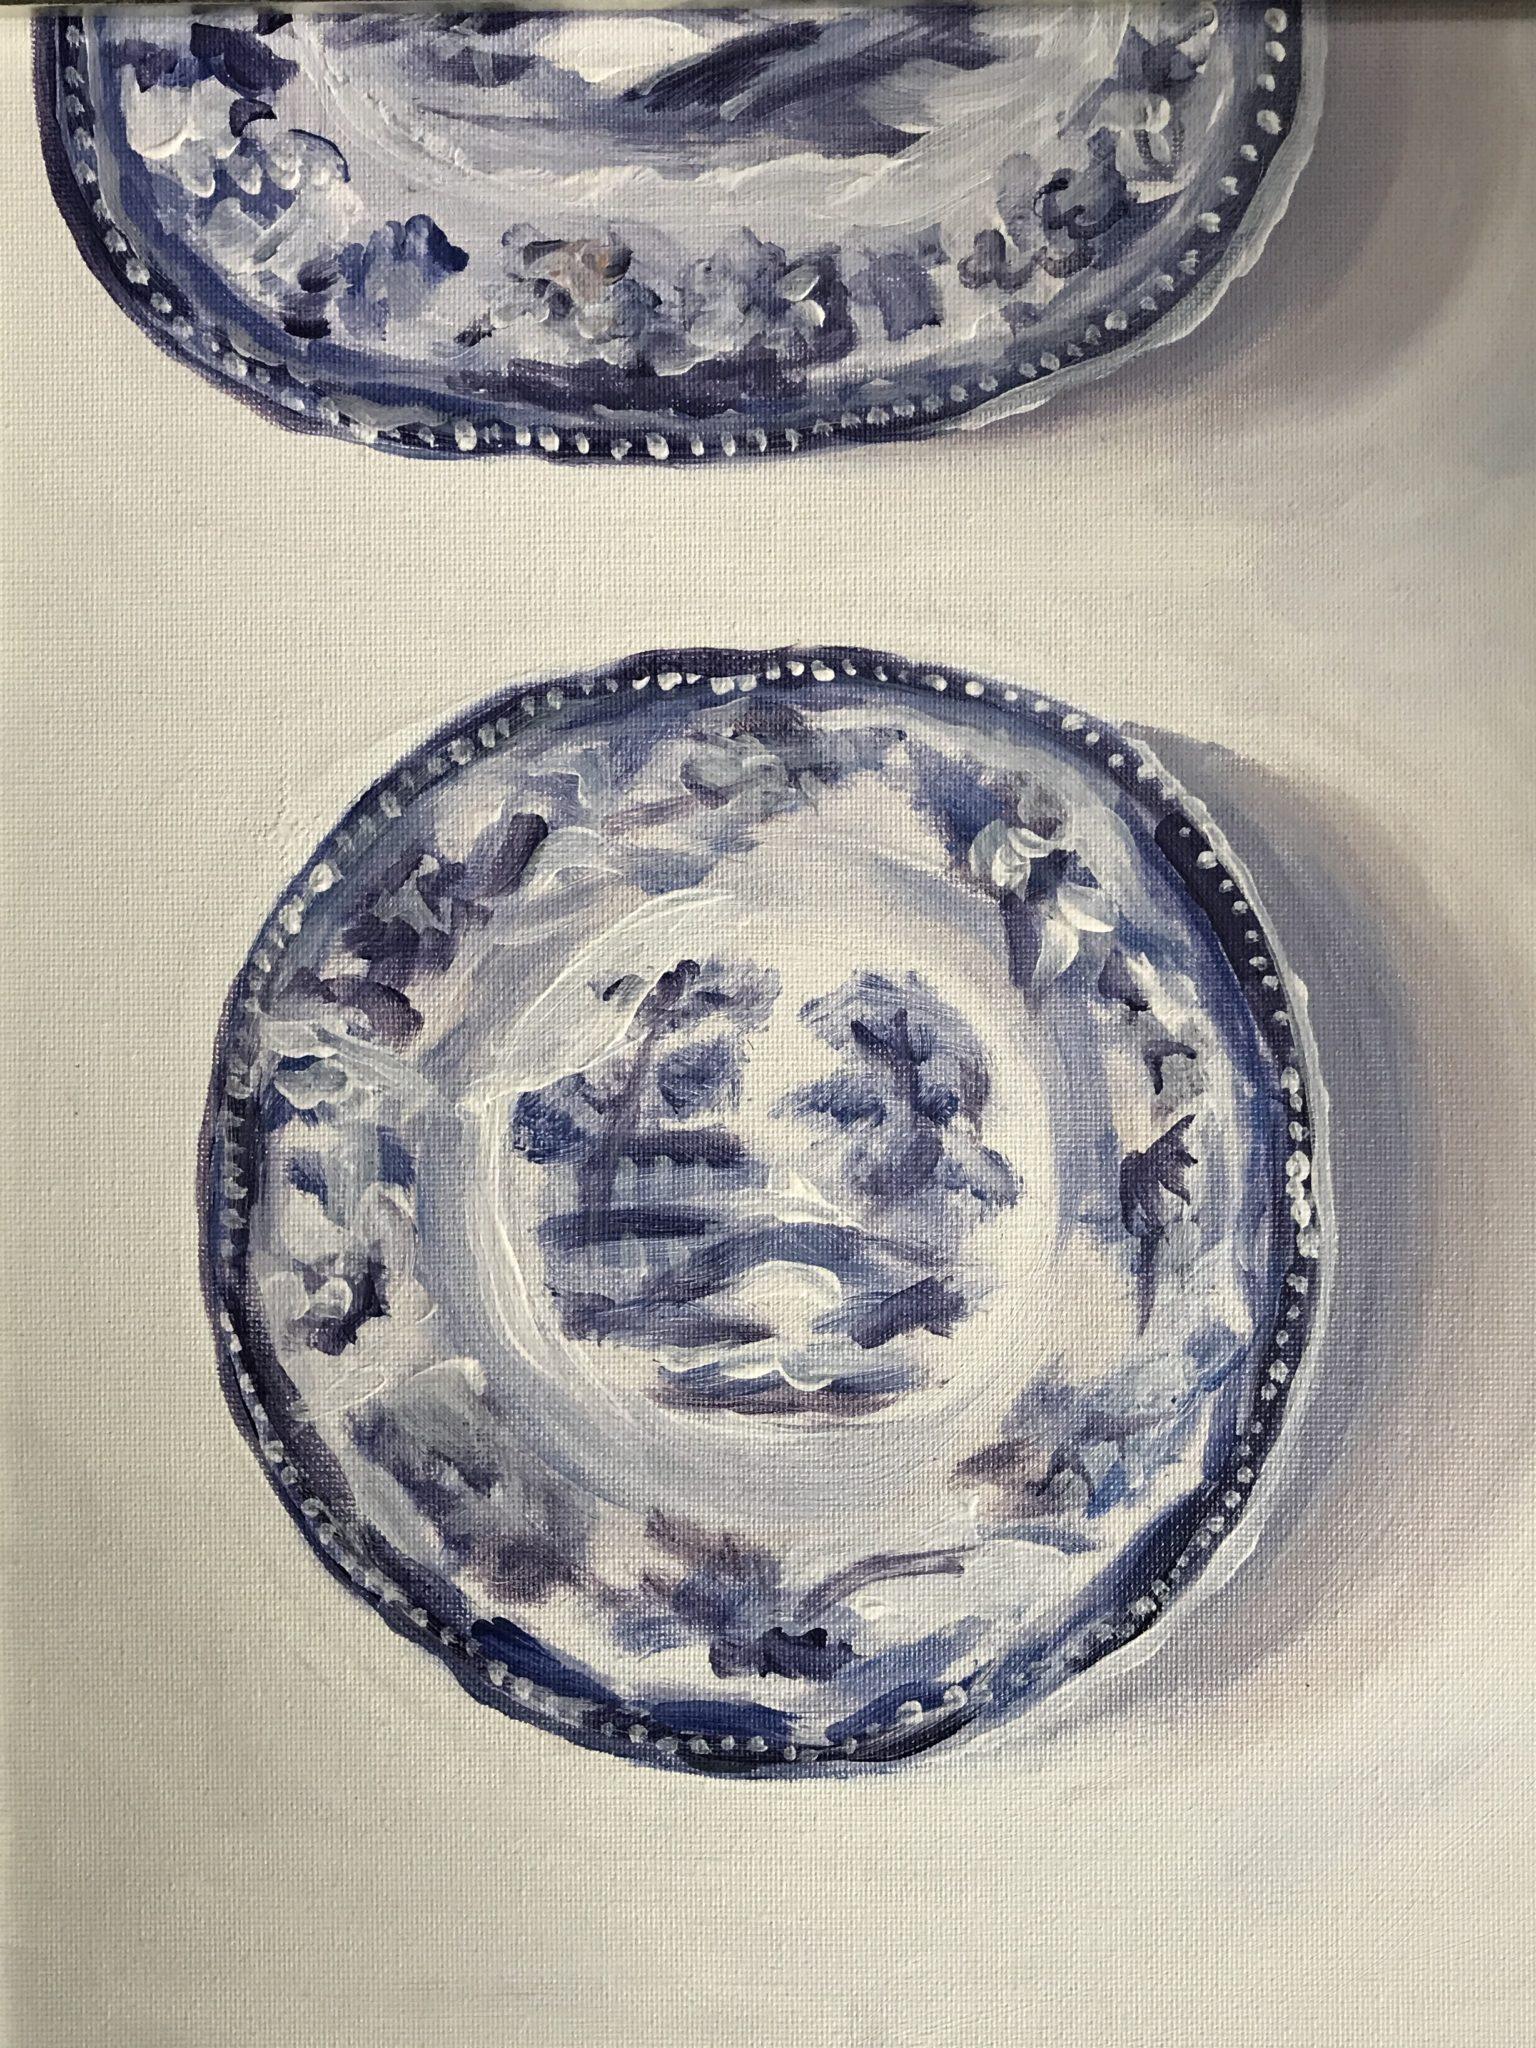 Martin, Karen 1 - Grandma's Dishes 2